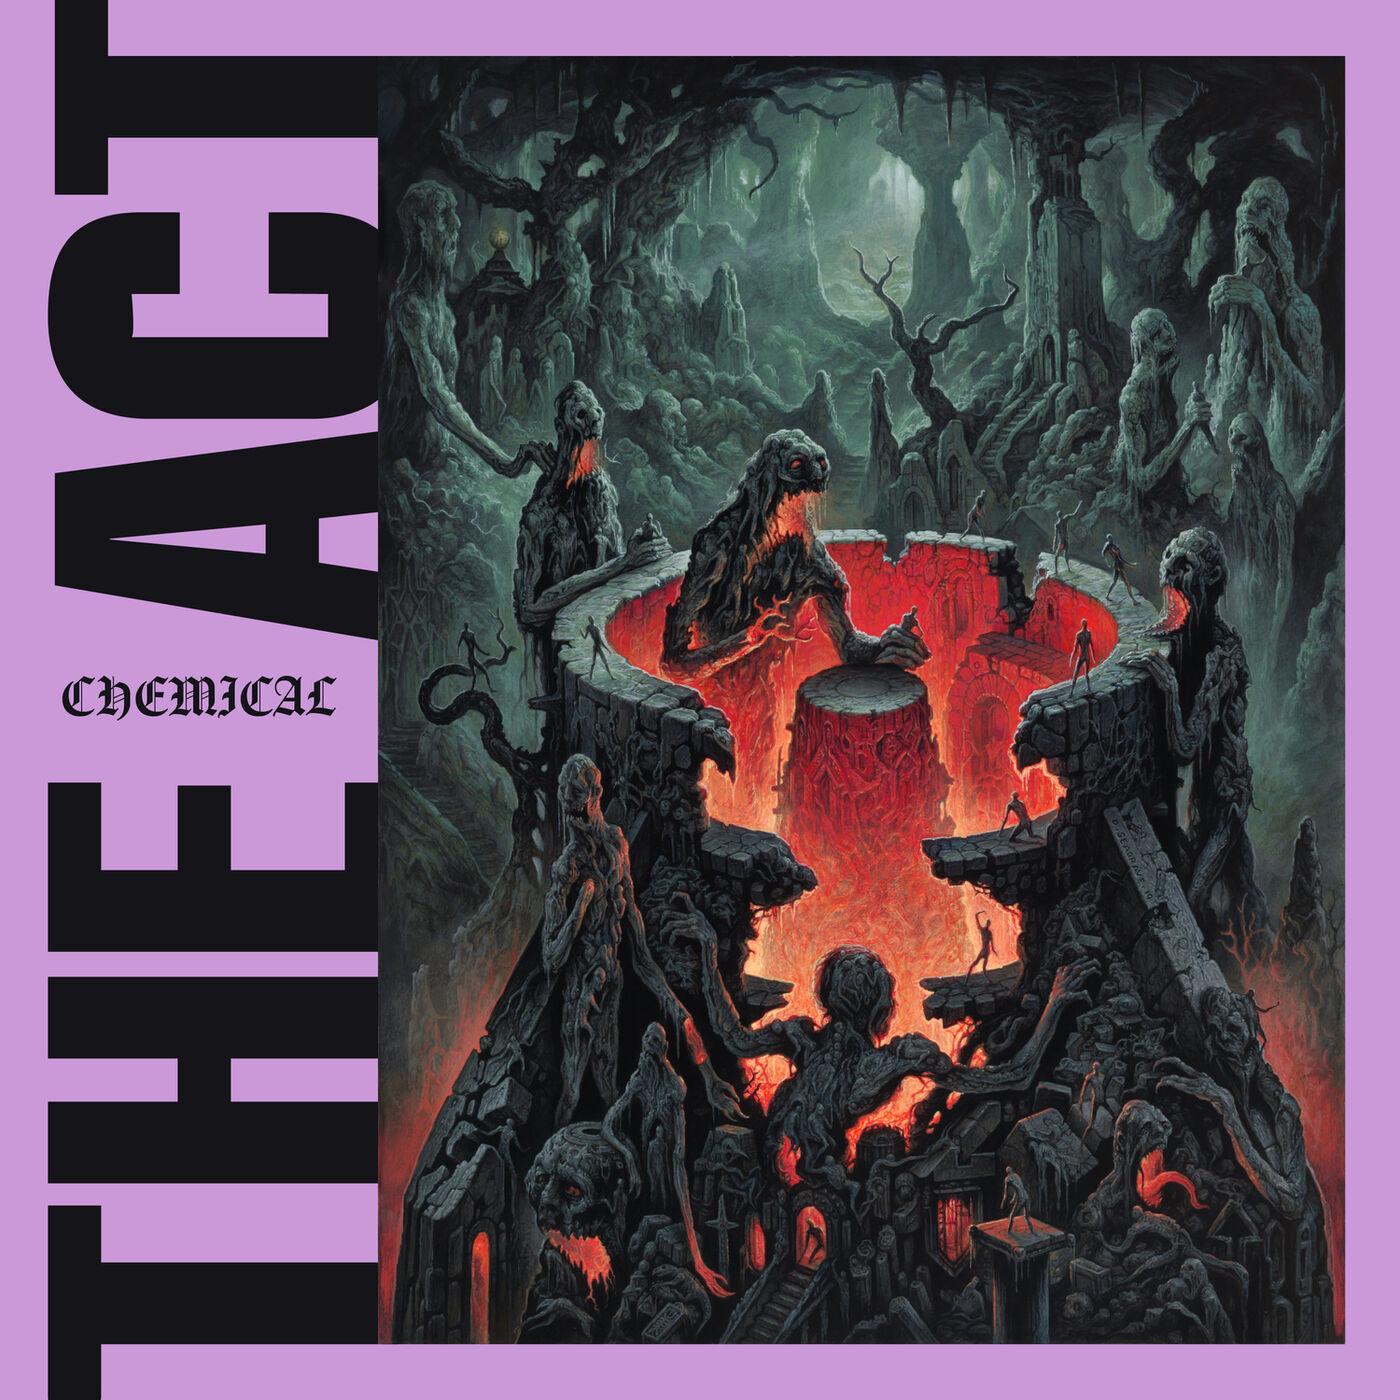 The Devil Wears Prada - Chemical [single] (2019)